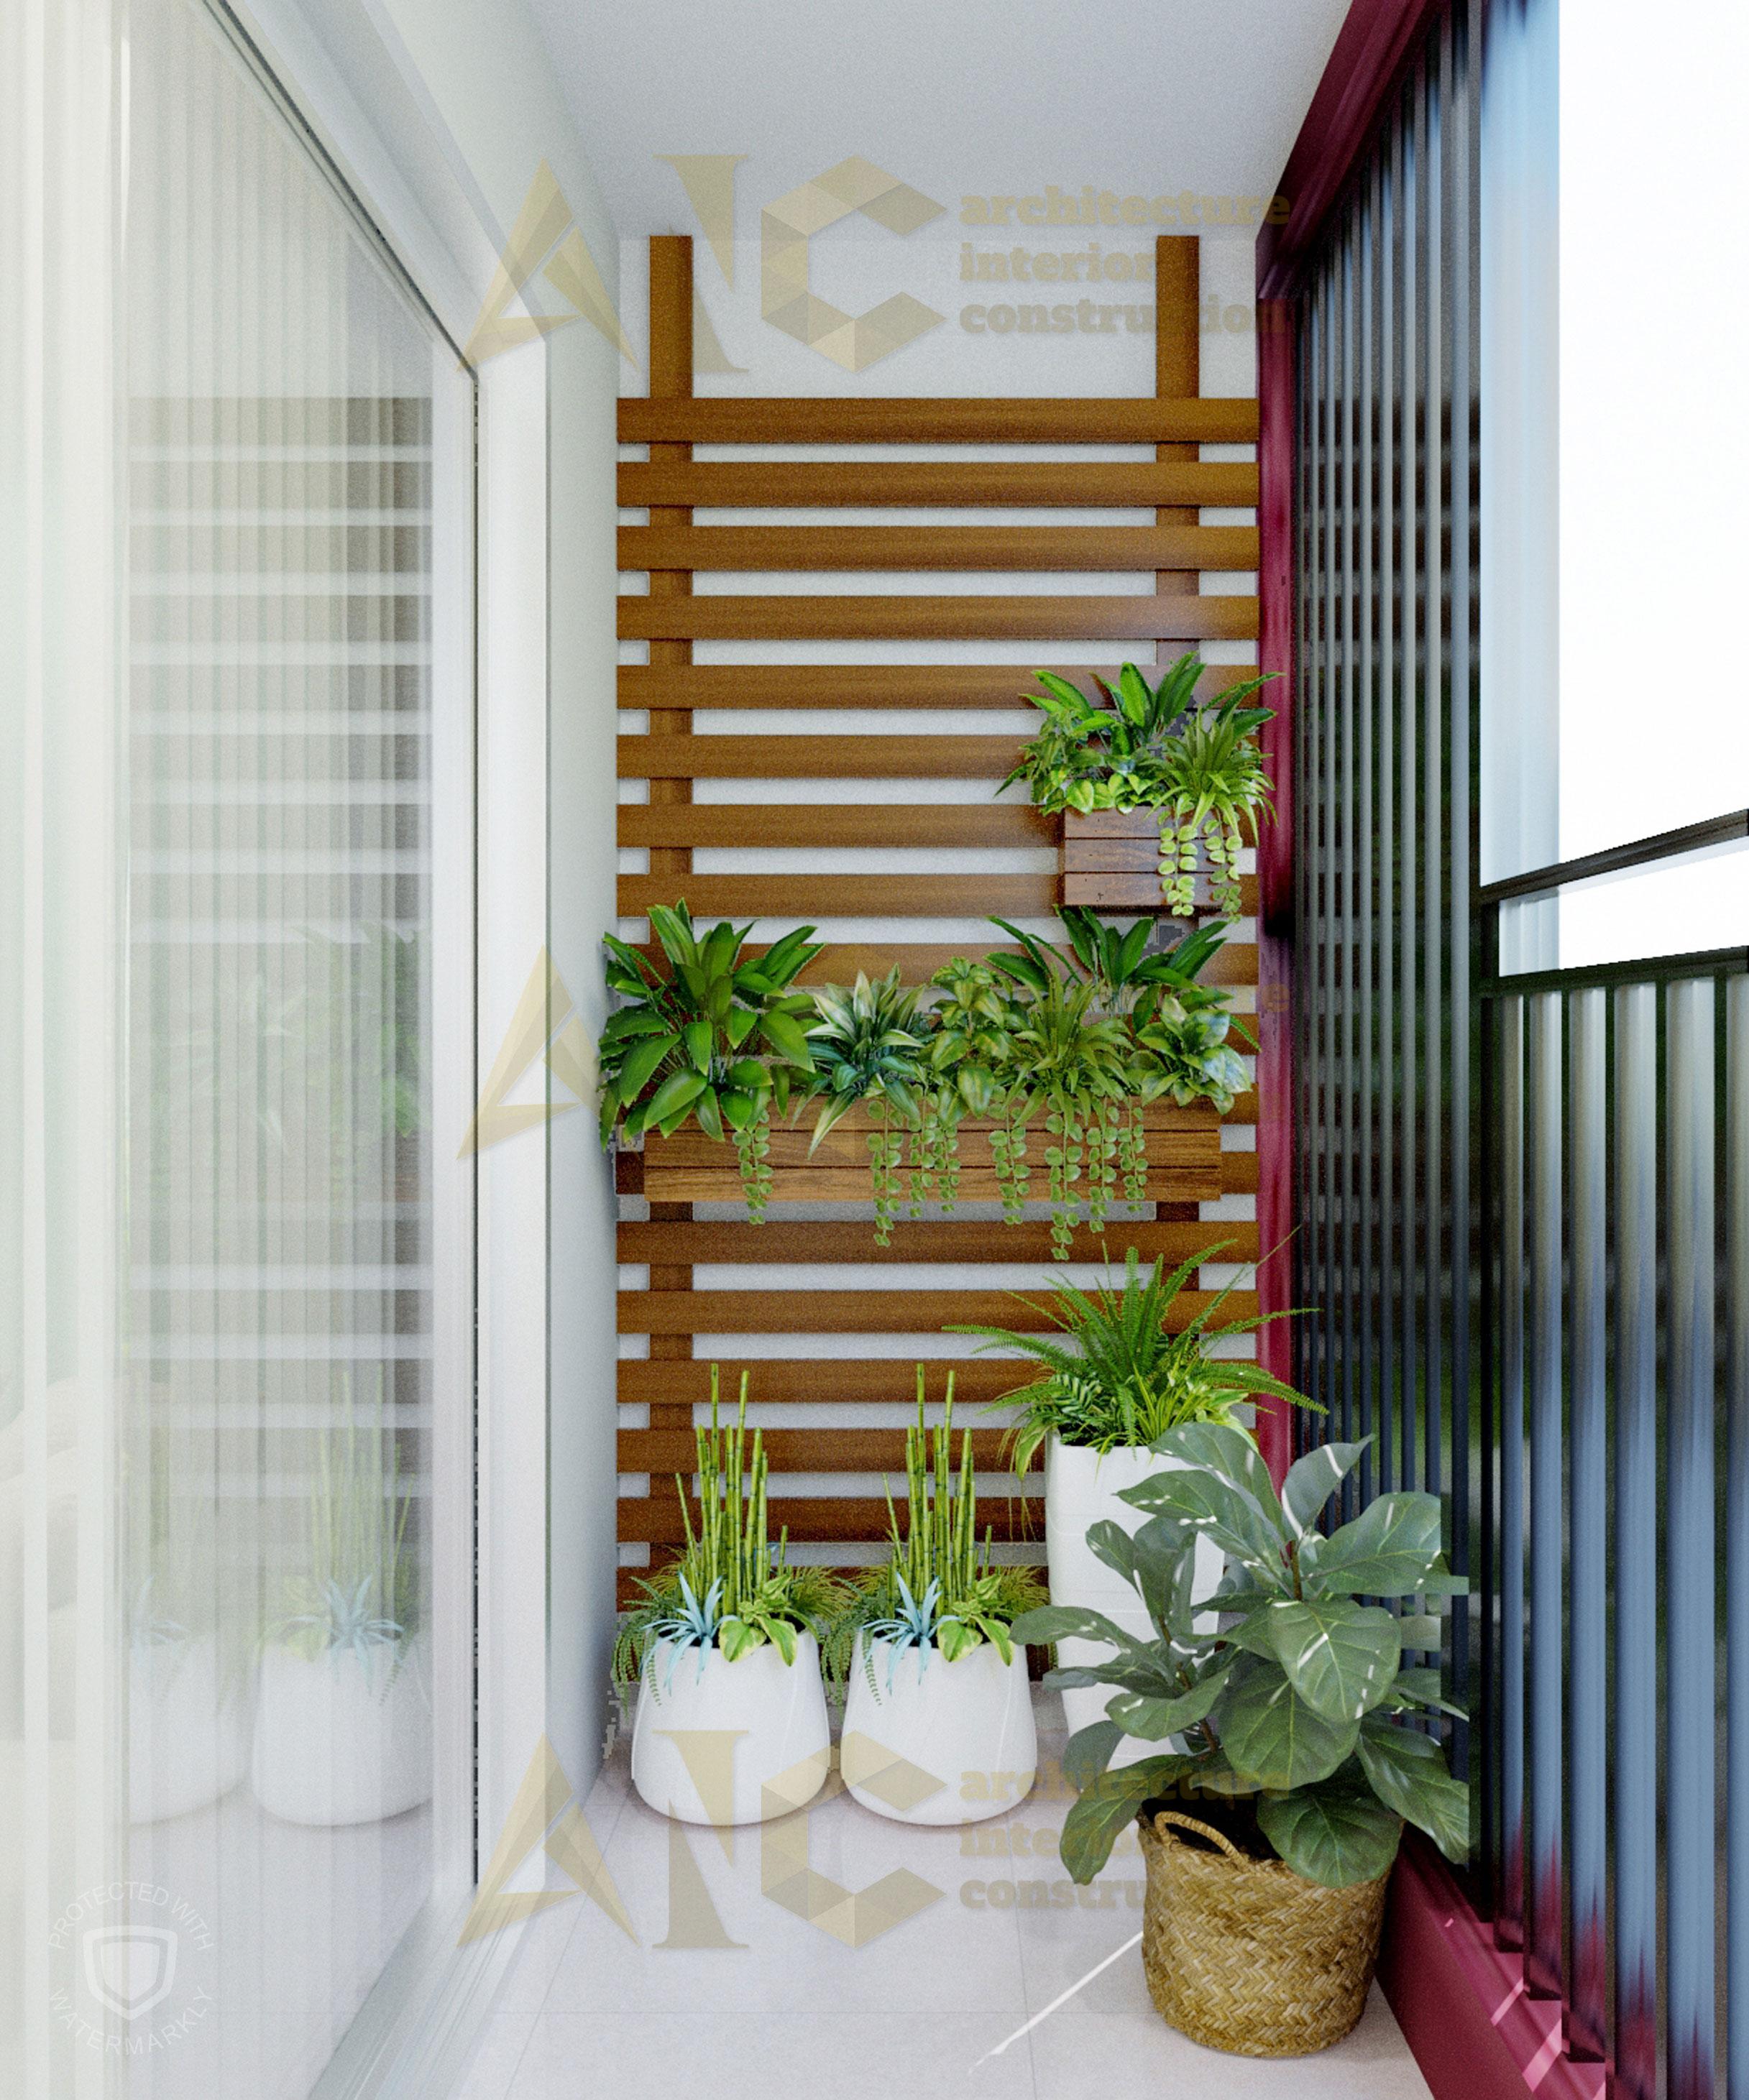 Thiết kế và thi công nội thất căn hộ chị Trúc- view 6